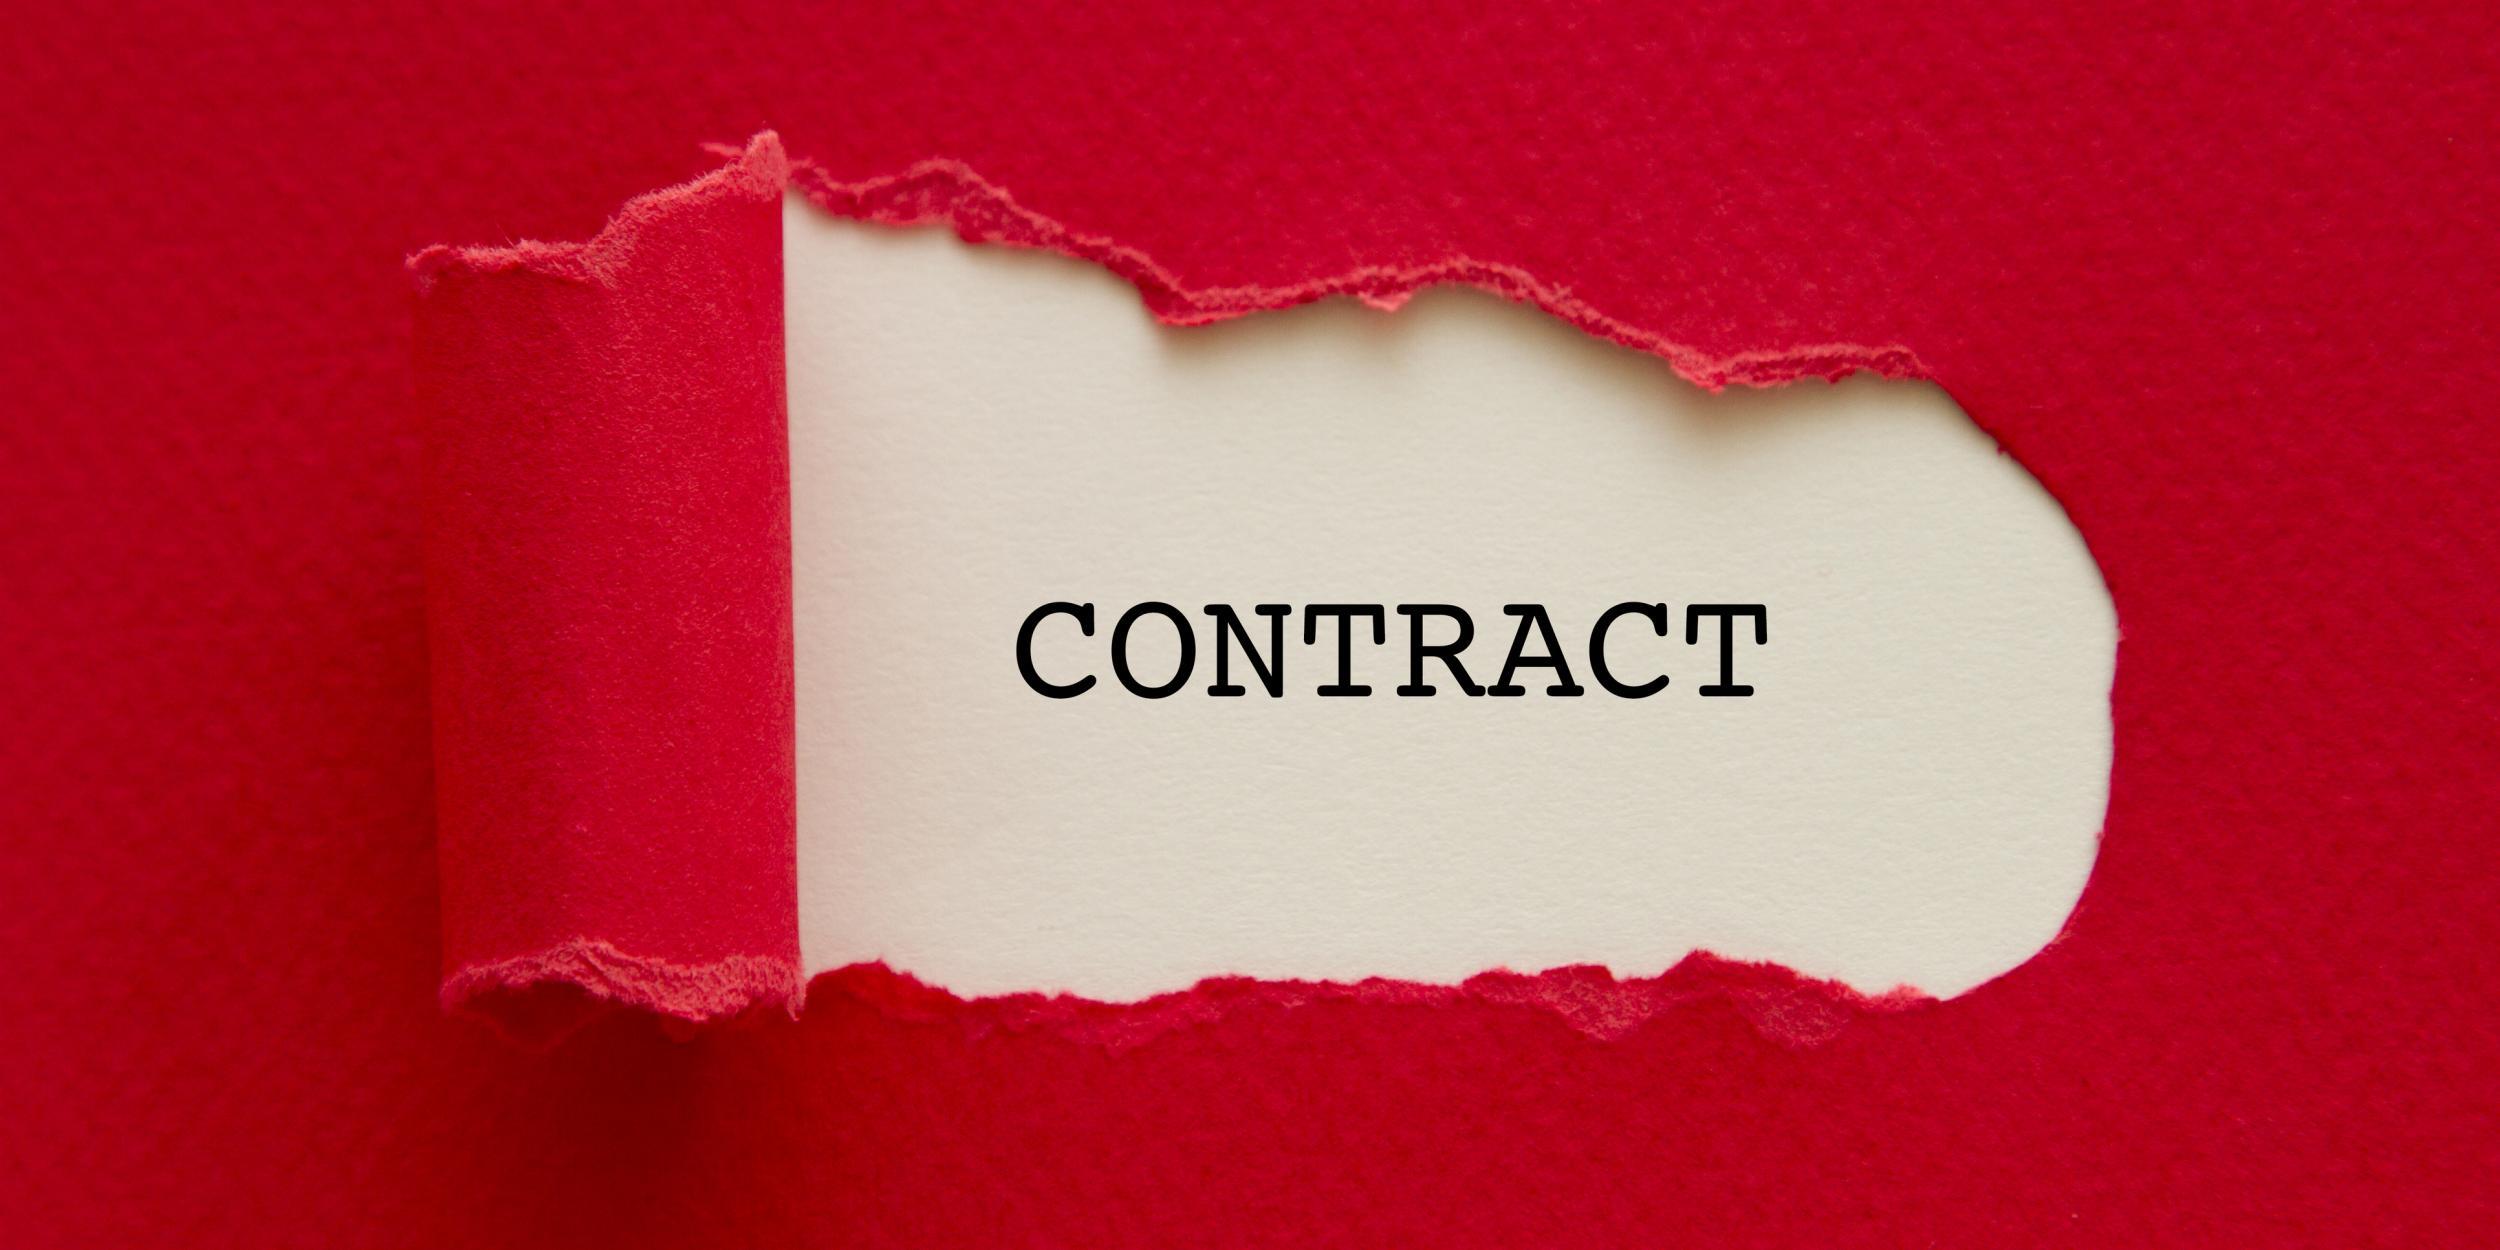 Chấm dứt hợp đồng theo quy định